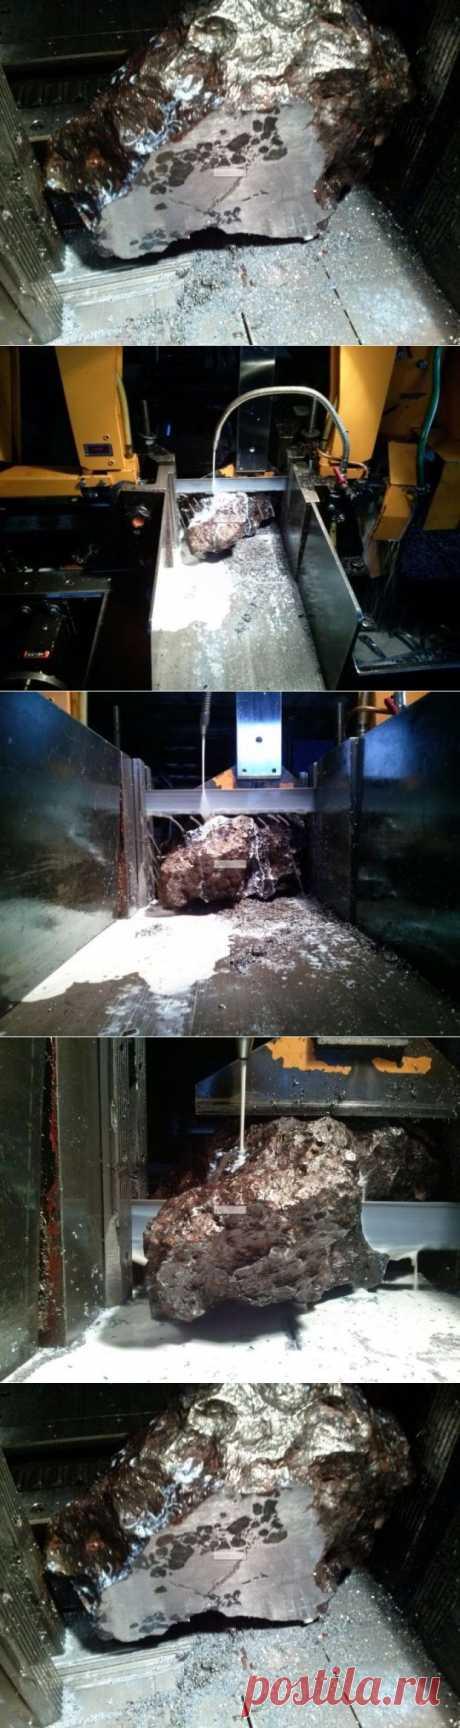 Как выглядит Челябинский метеорит в разрезе - Фото - Калейдоскоп Эмоций